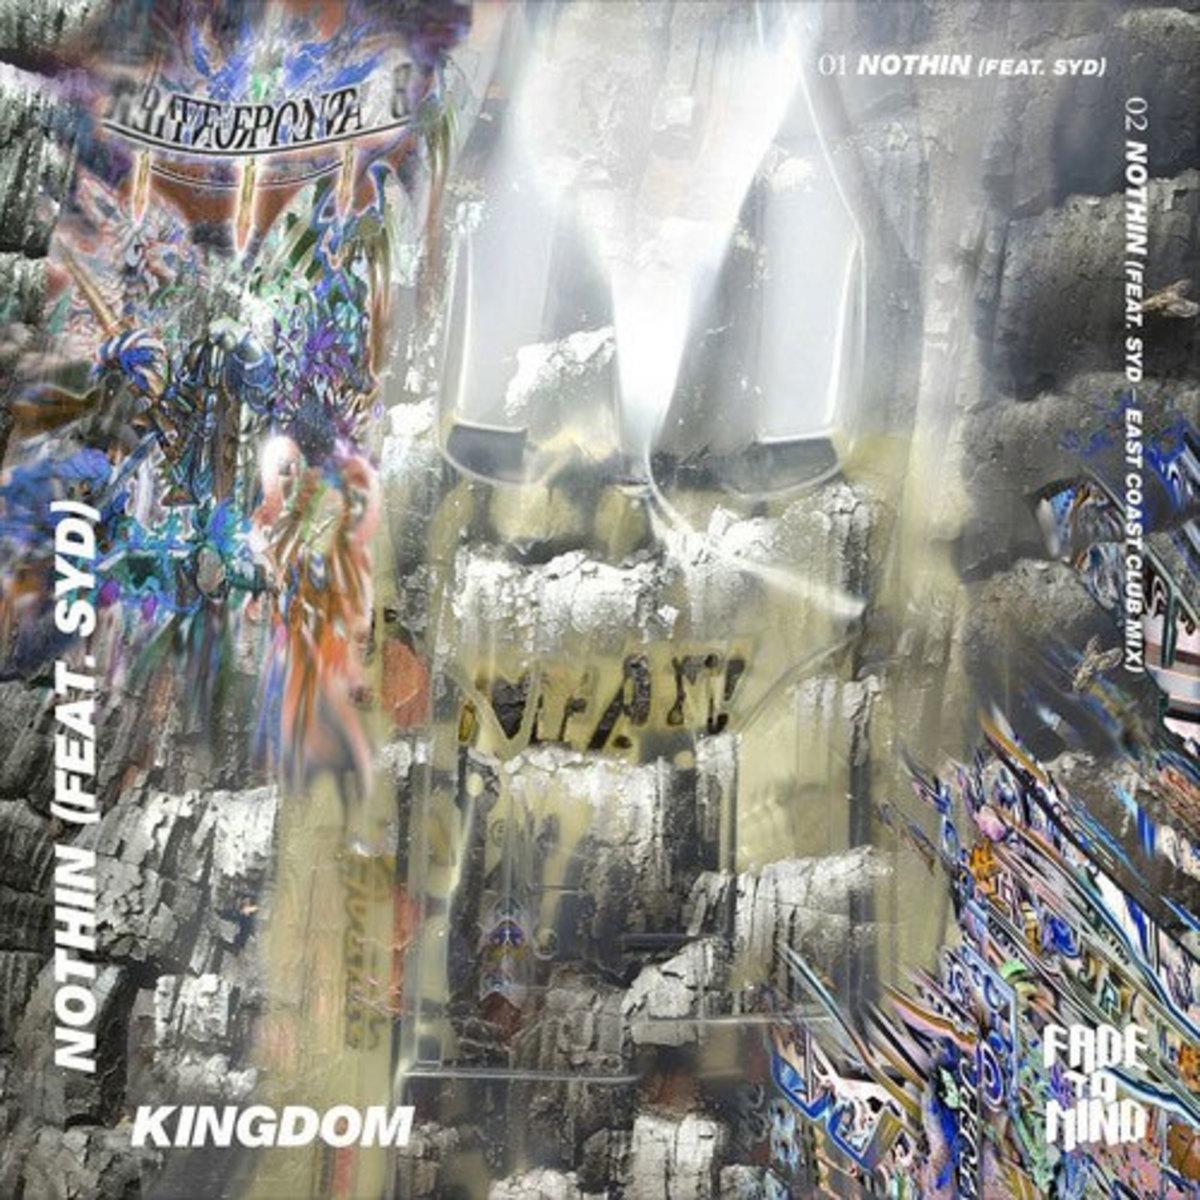 kingdom-nothin.jpg